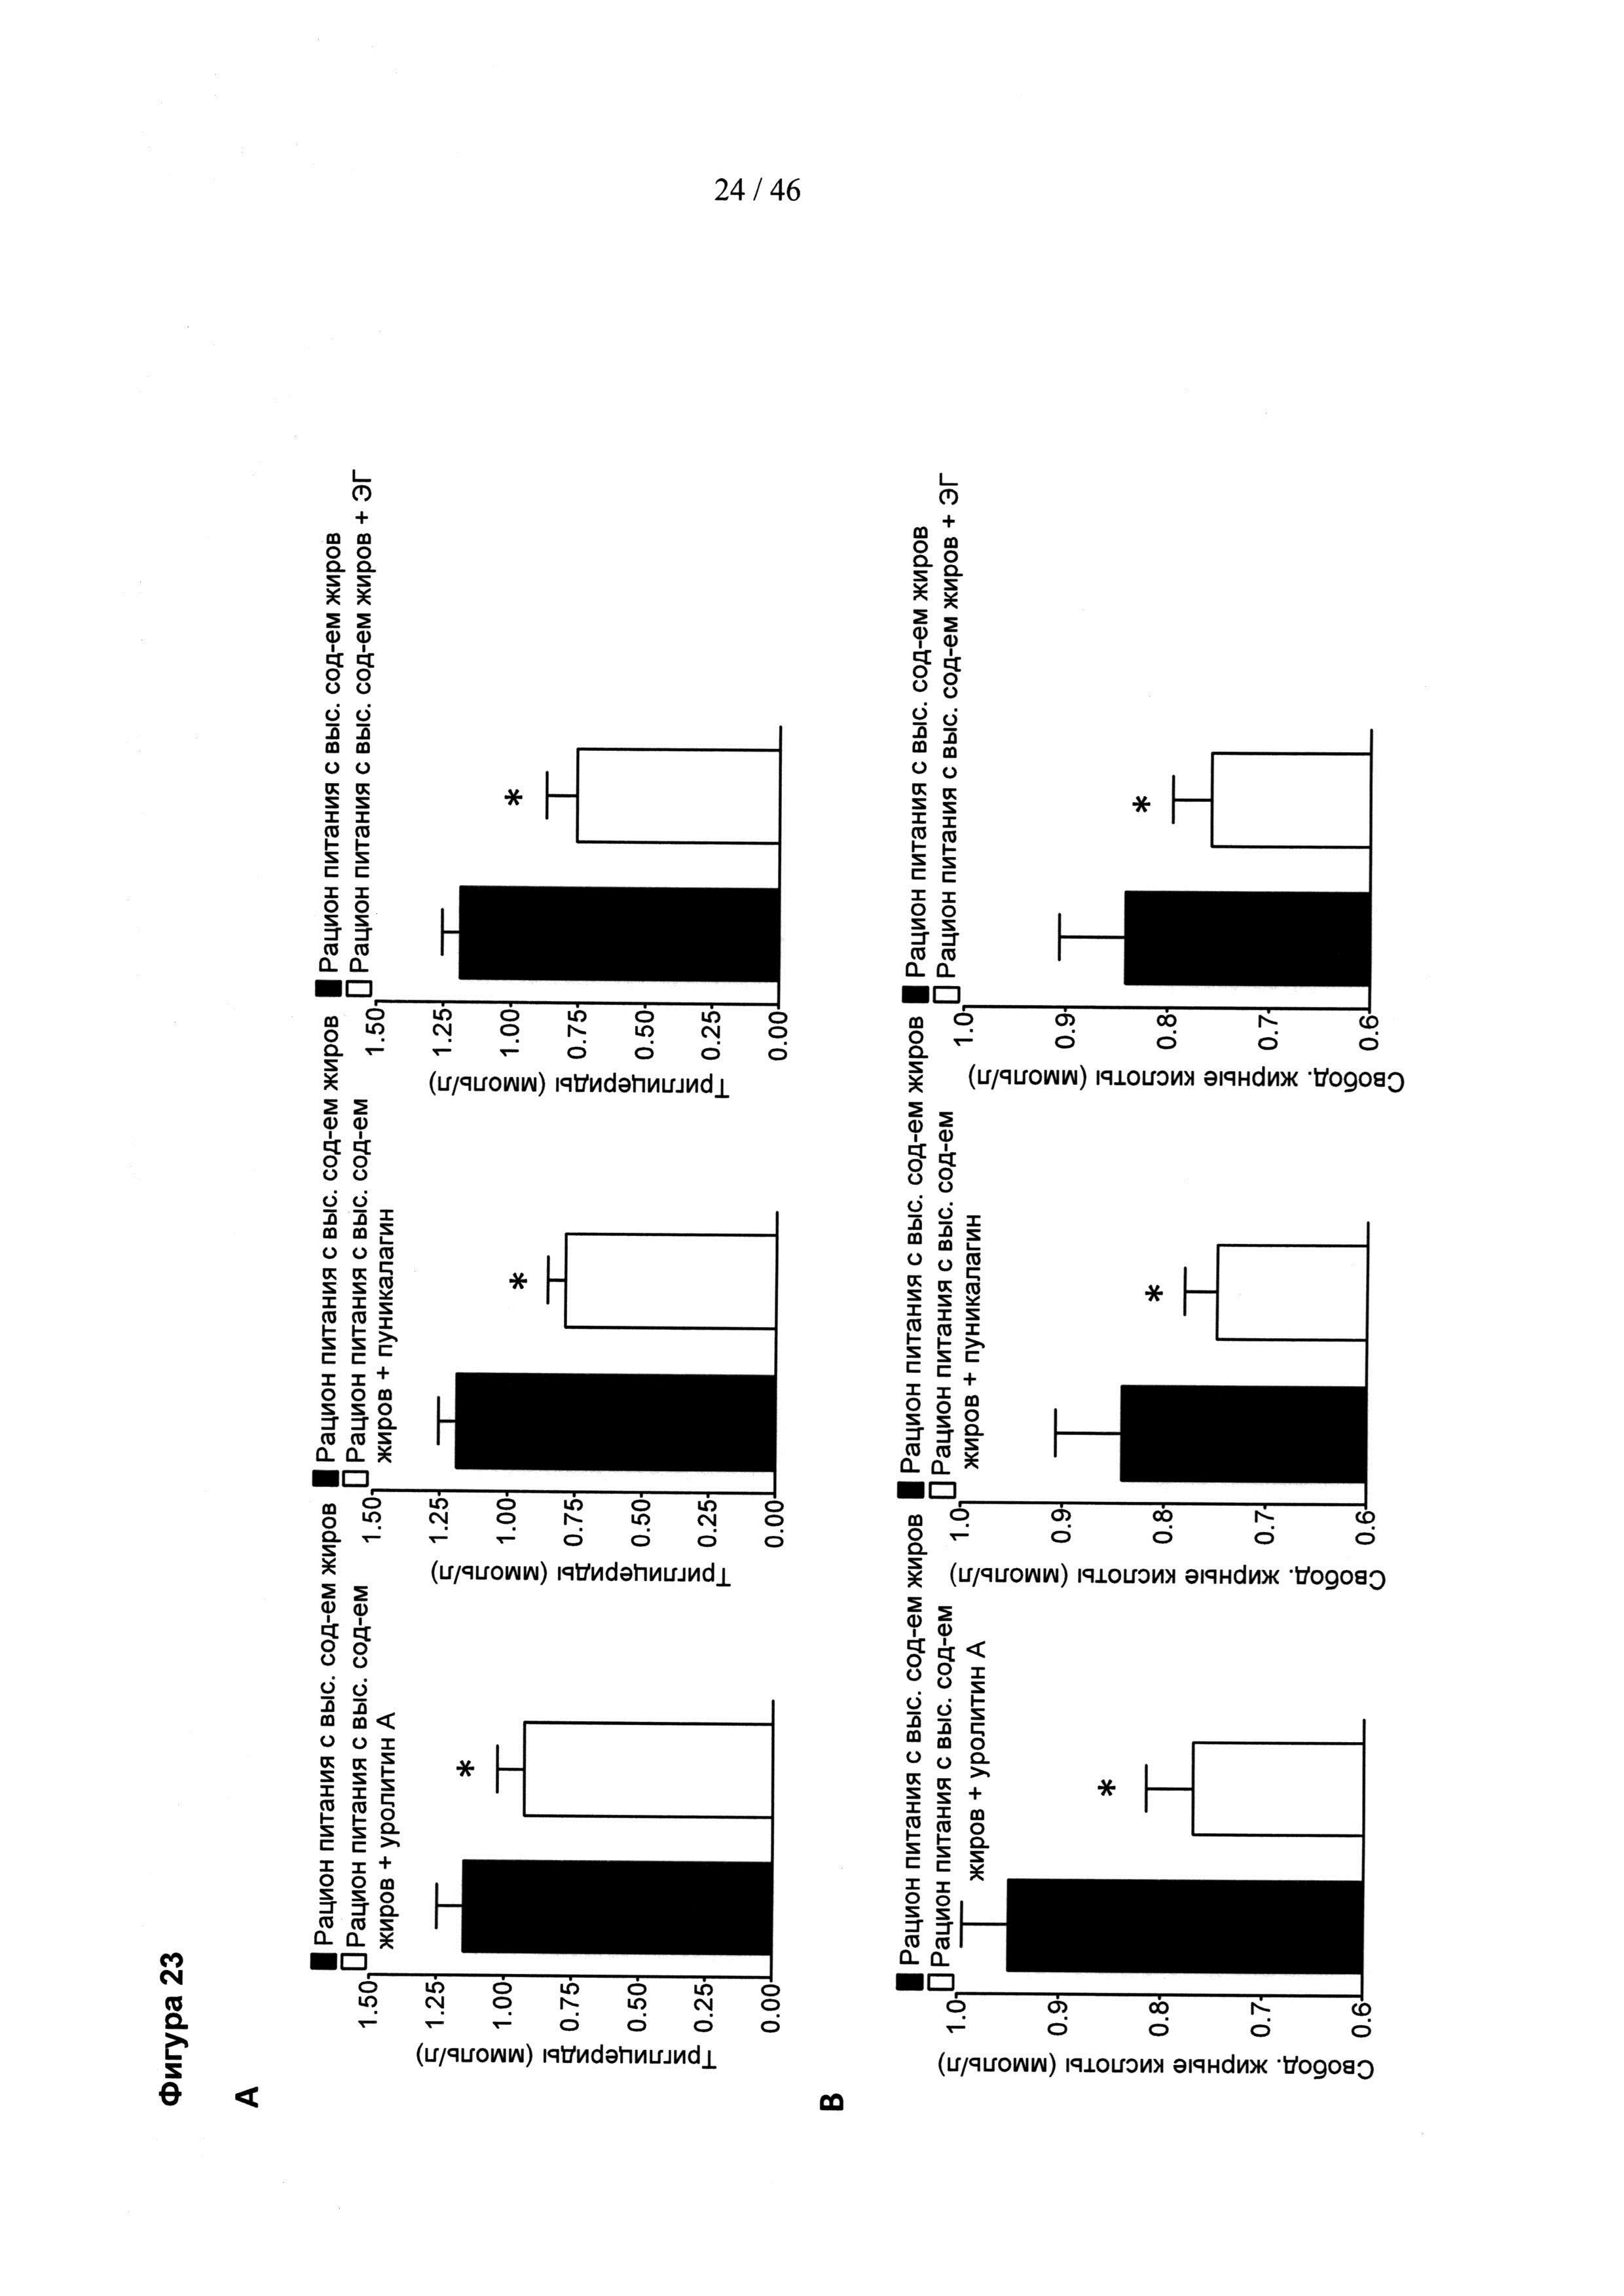 Найдены гены, контролирующие отложение жировых капель в адипоцитах